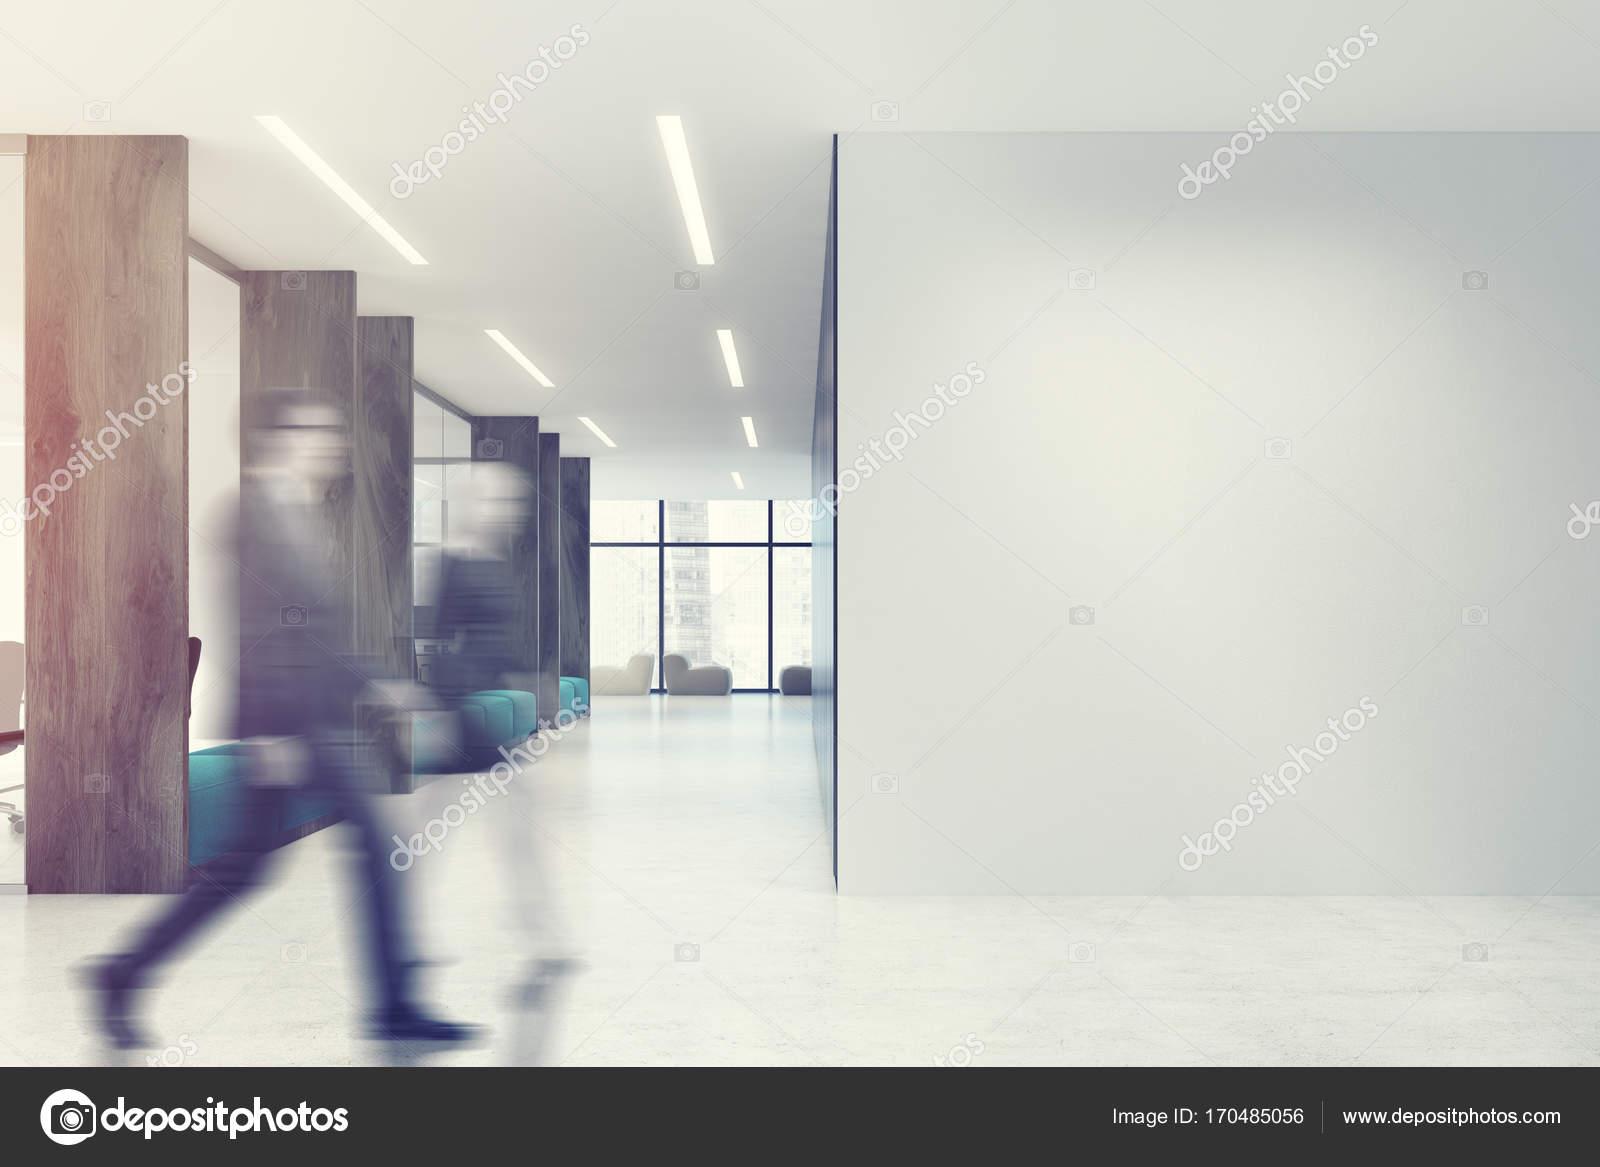 Ufficio Bianco E Legno : Bianco legno aperto spazio ufficio blu divani tonica u foto